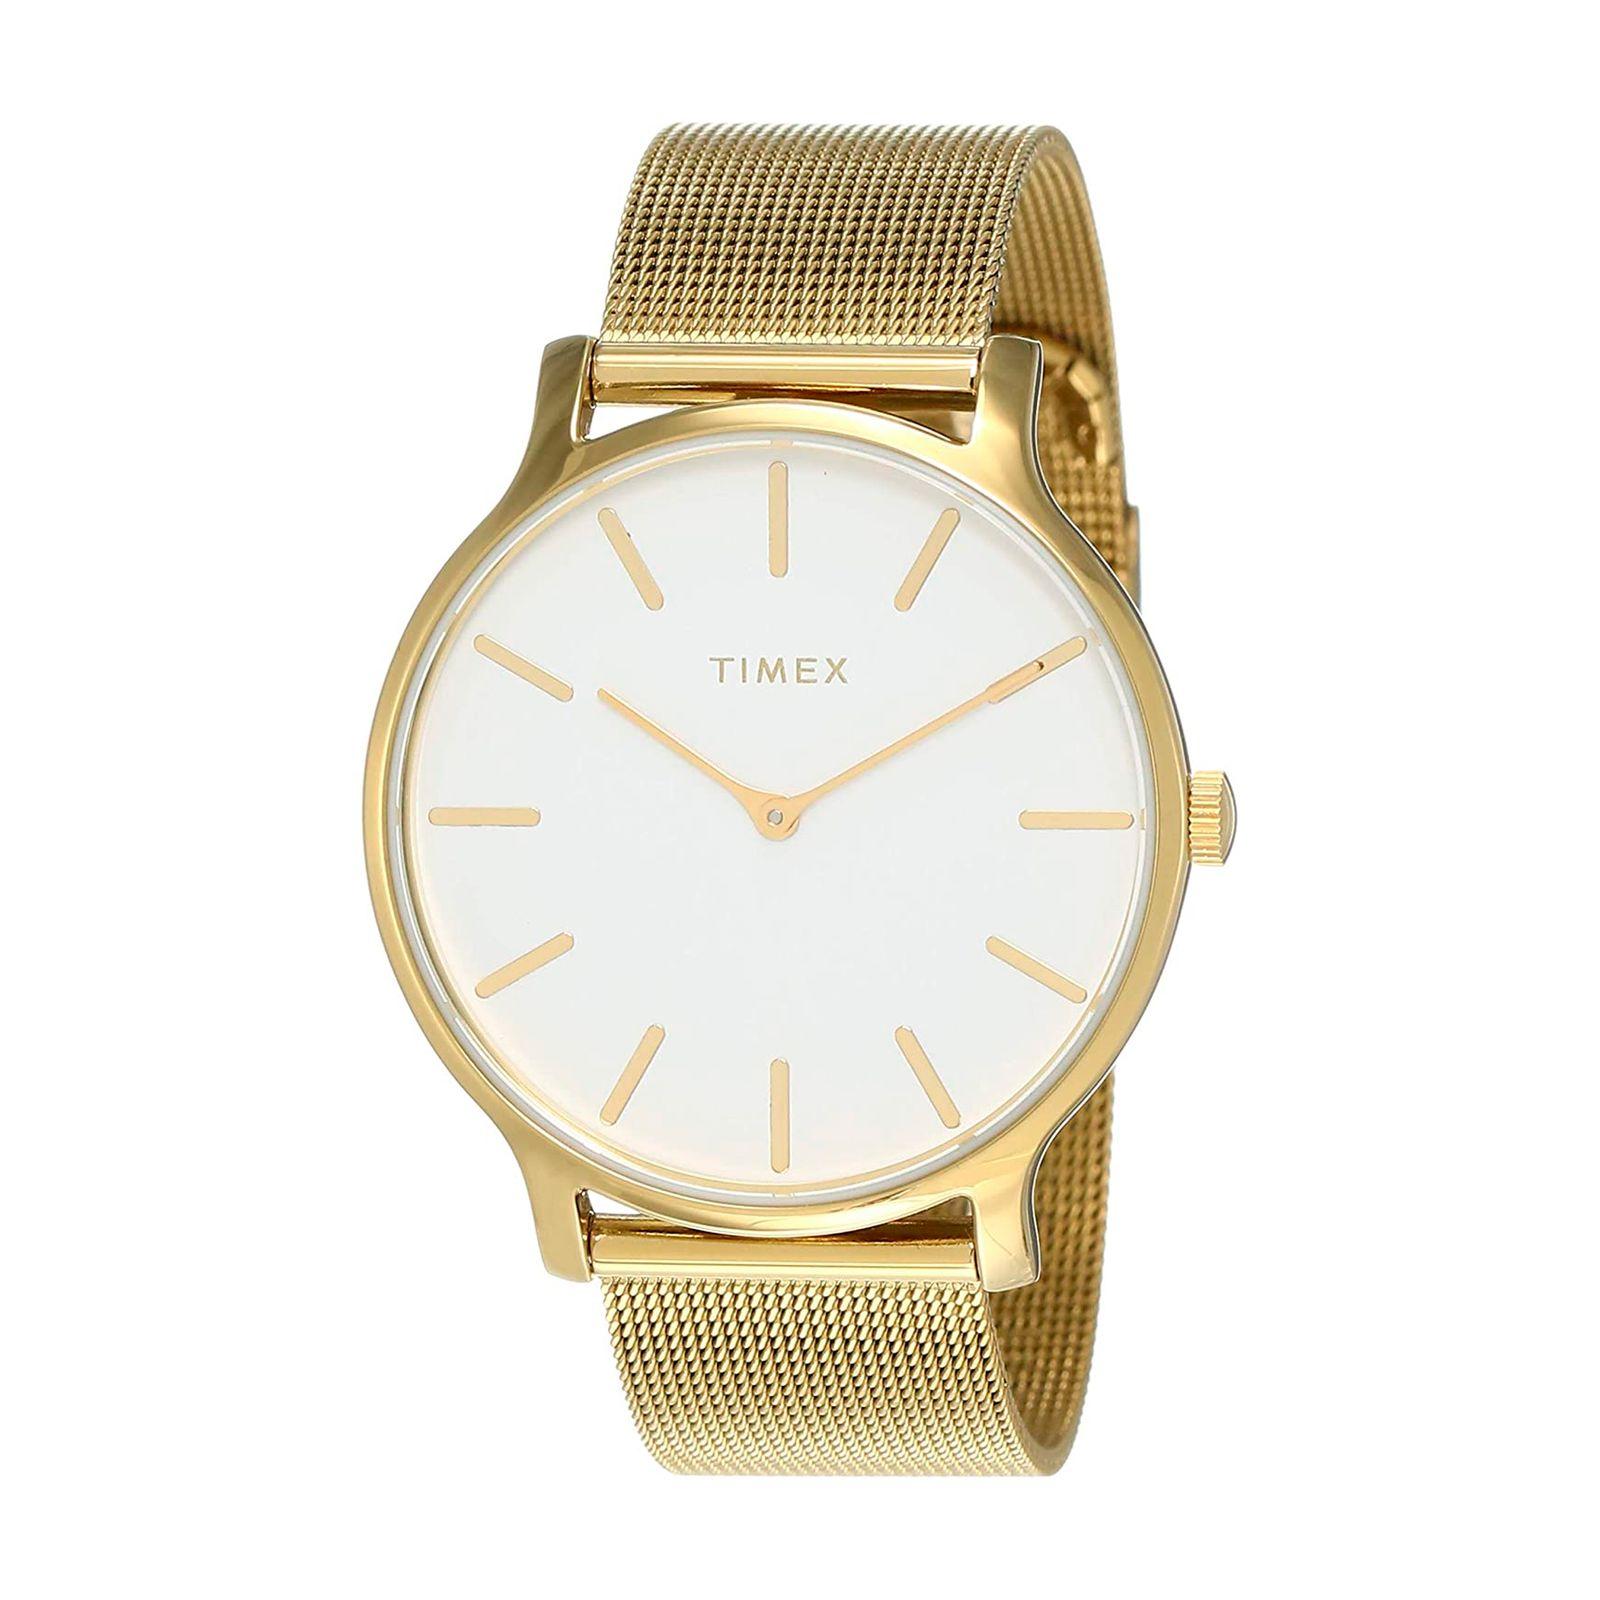 ساعت مچی عقربه ای زنانه تایمکس مدل TW2T74100 -  - 3